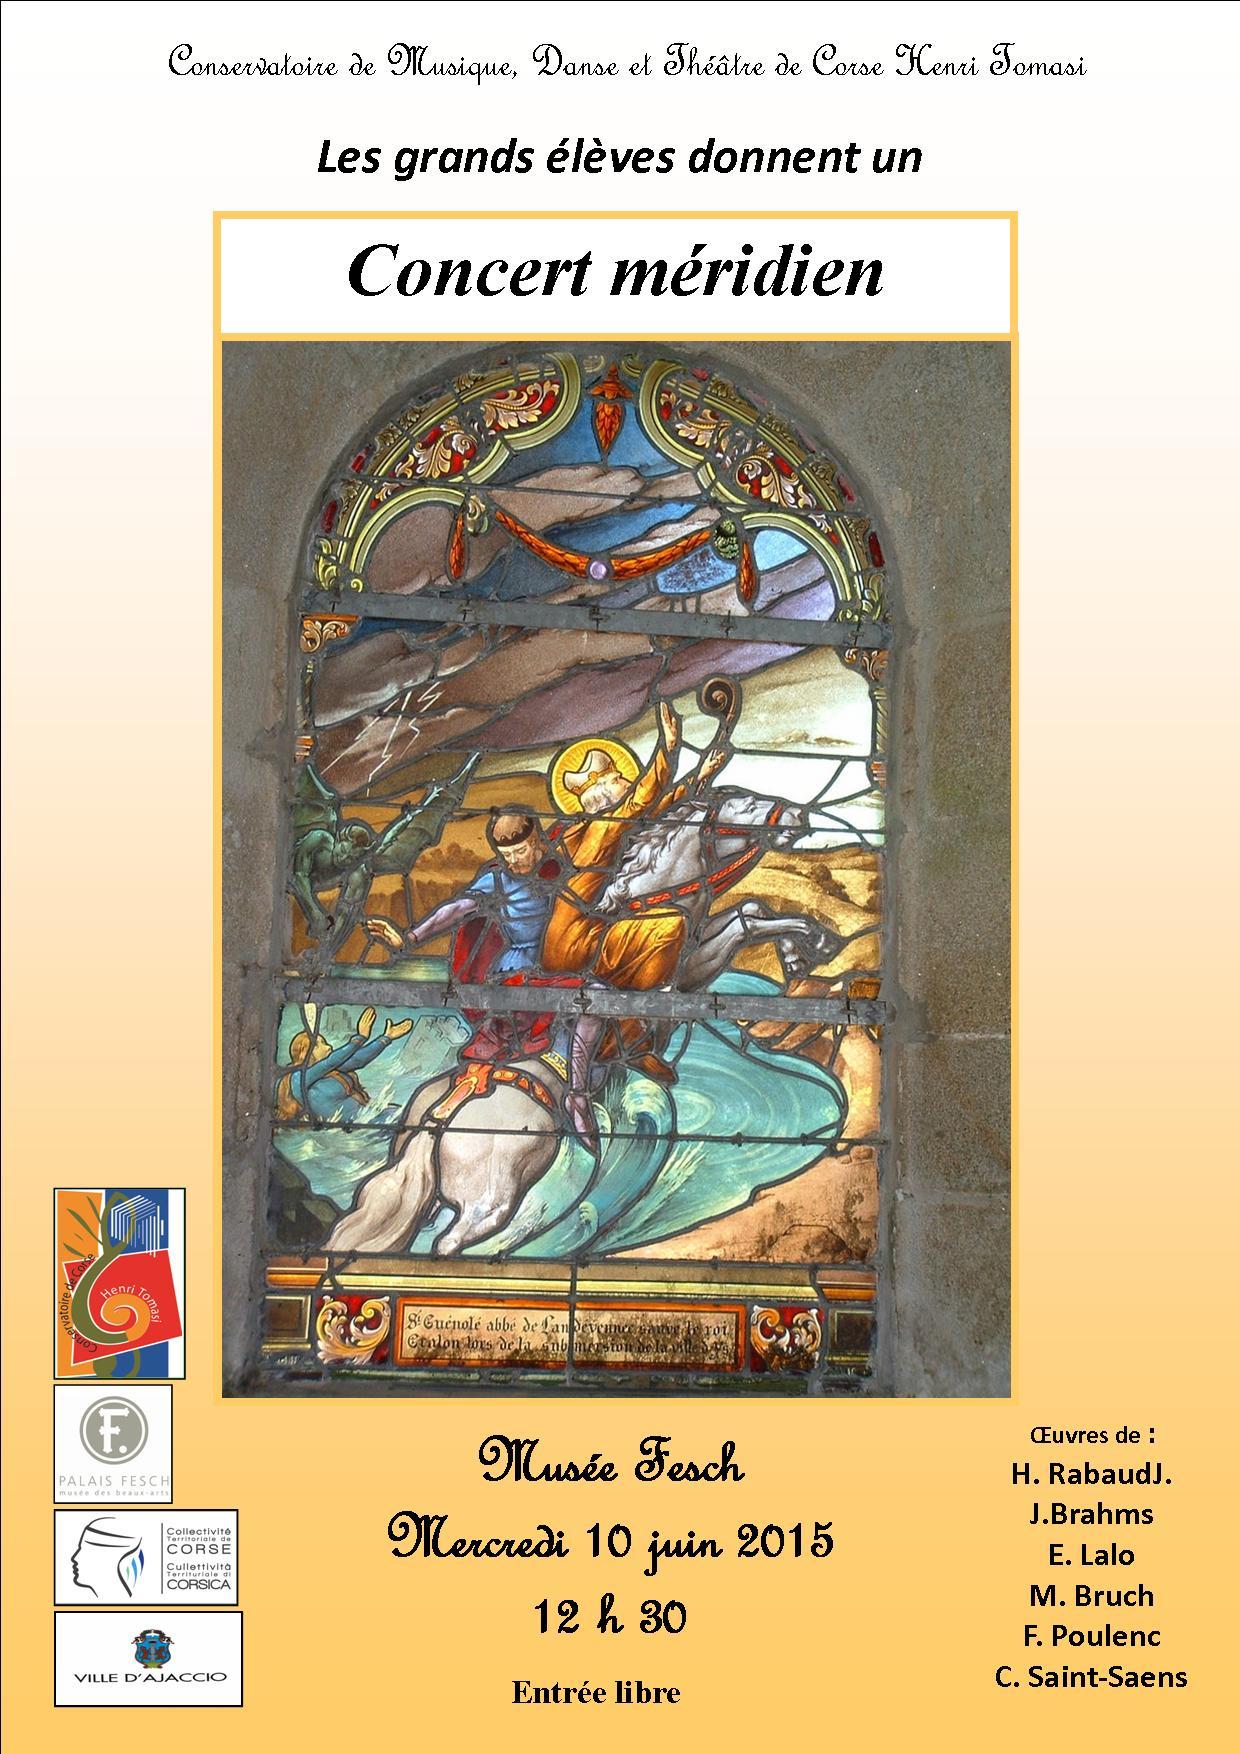 Concert Méridien à Ajaccio des élèves du conservatoire Henri Tomasi